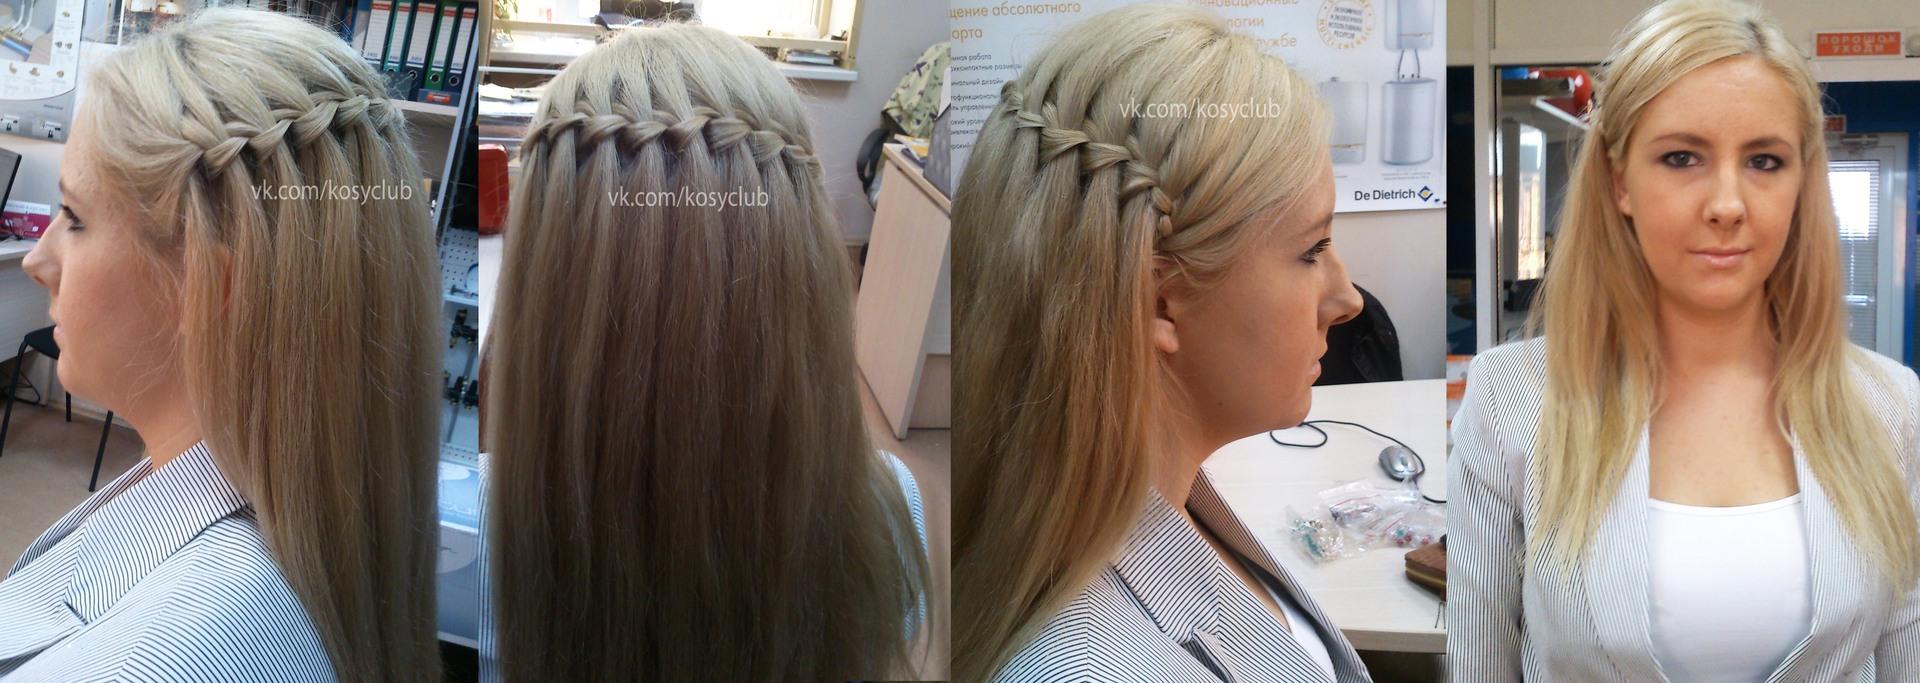 Причёски своими руками на волосы до плеч